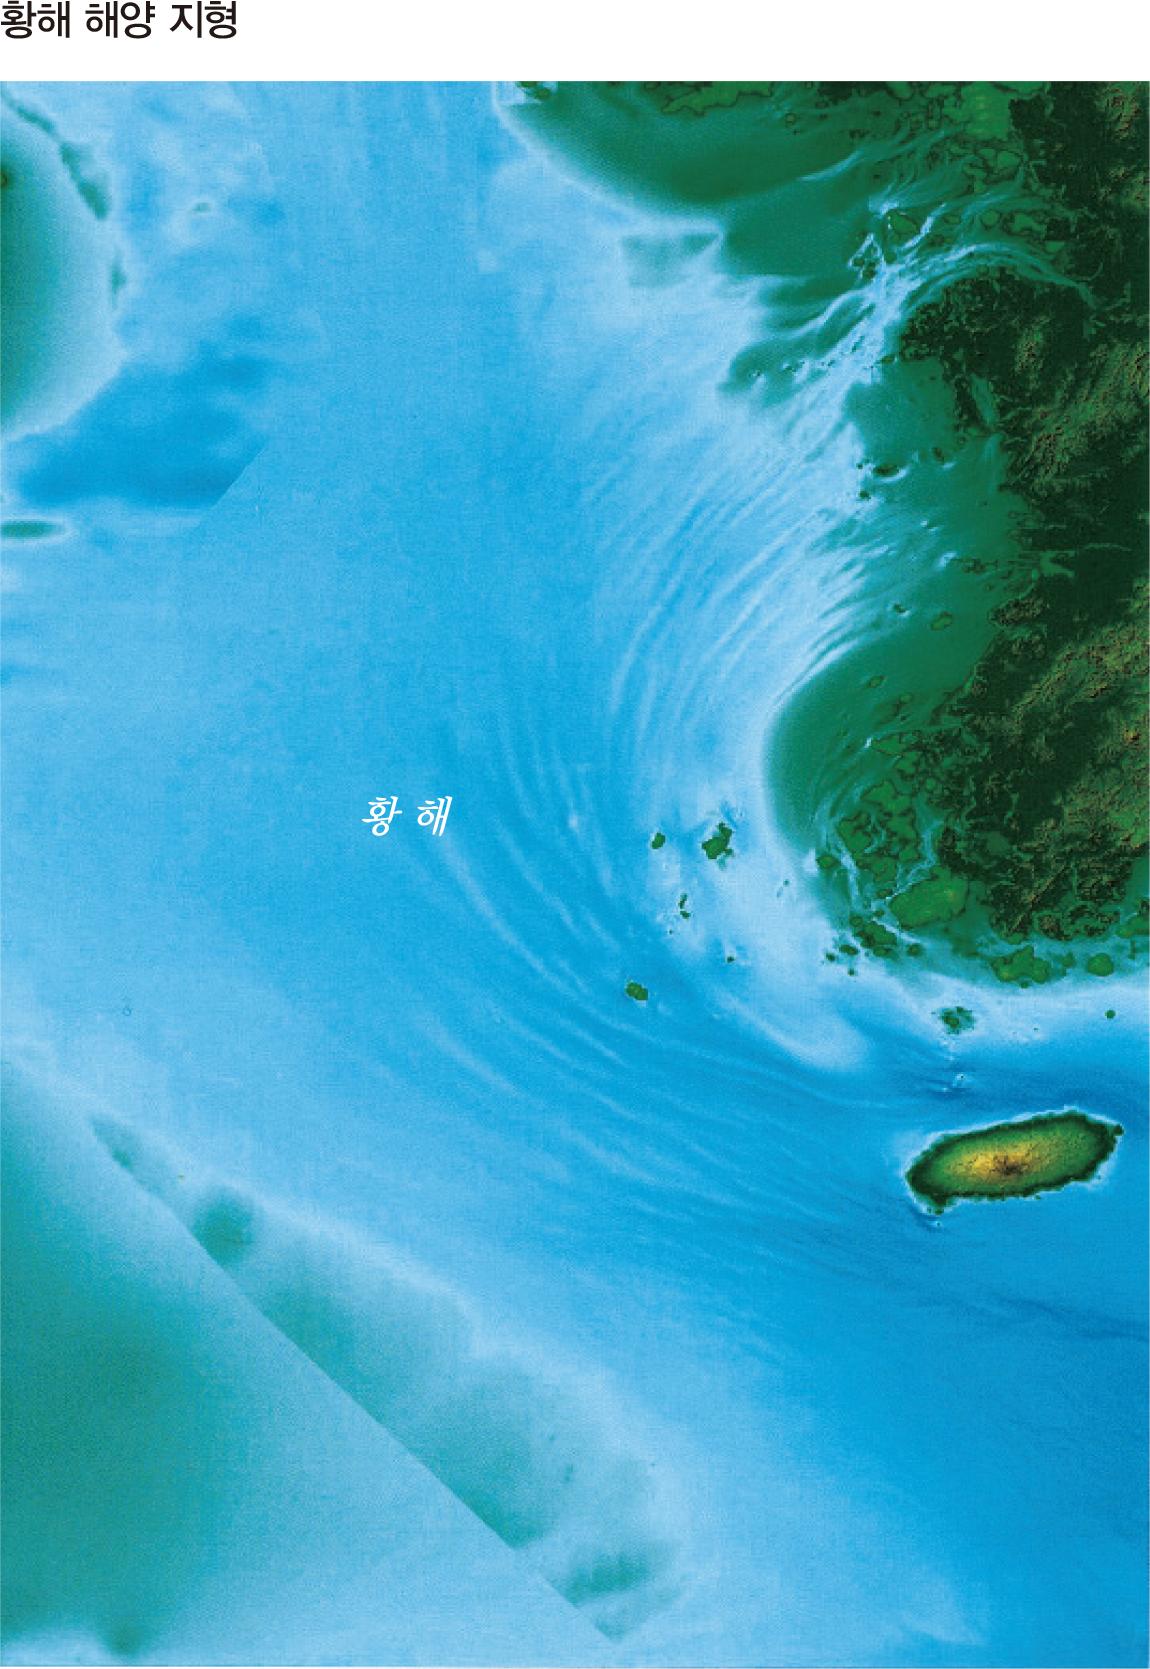 황해 해양 지형